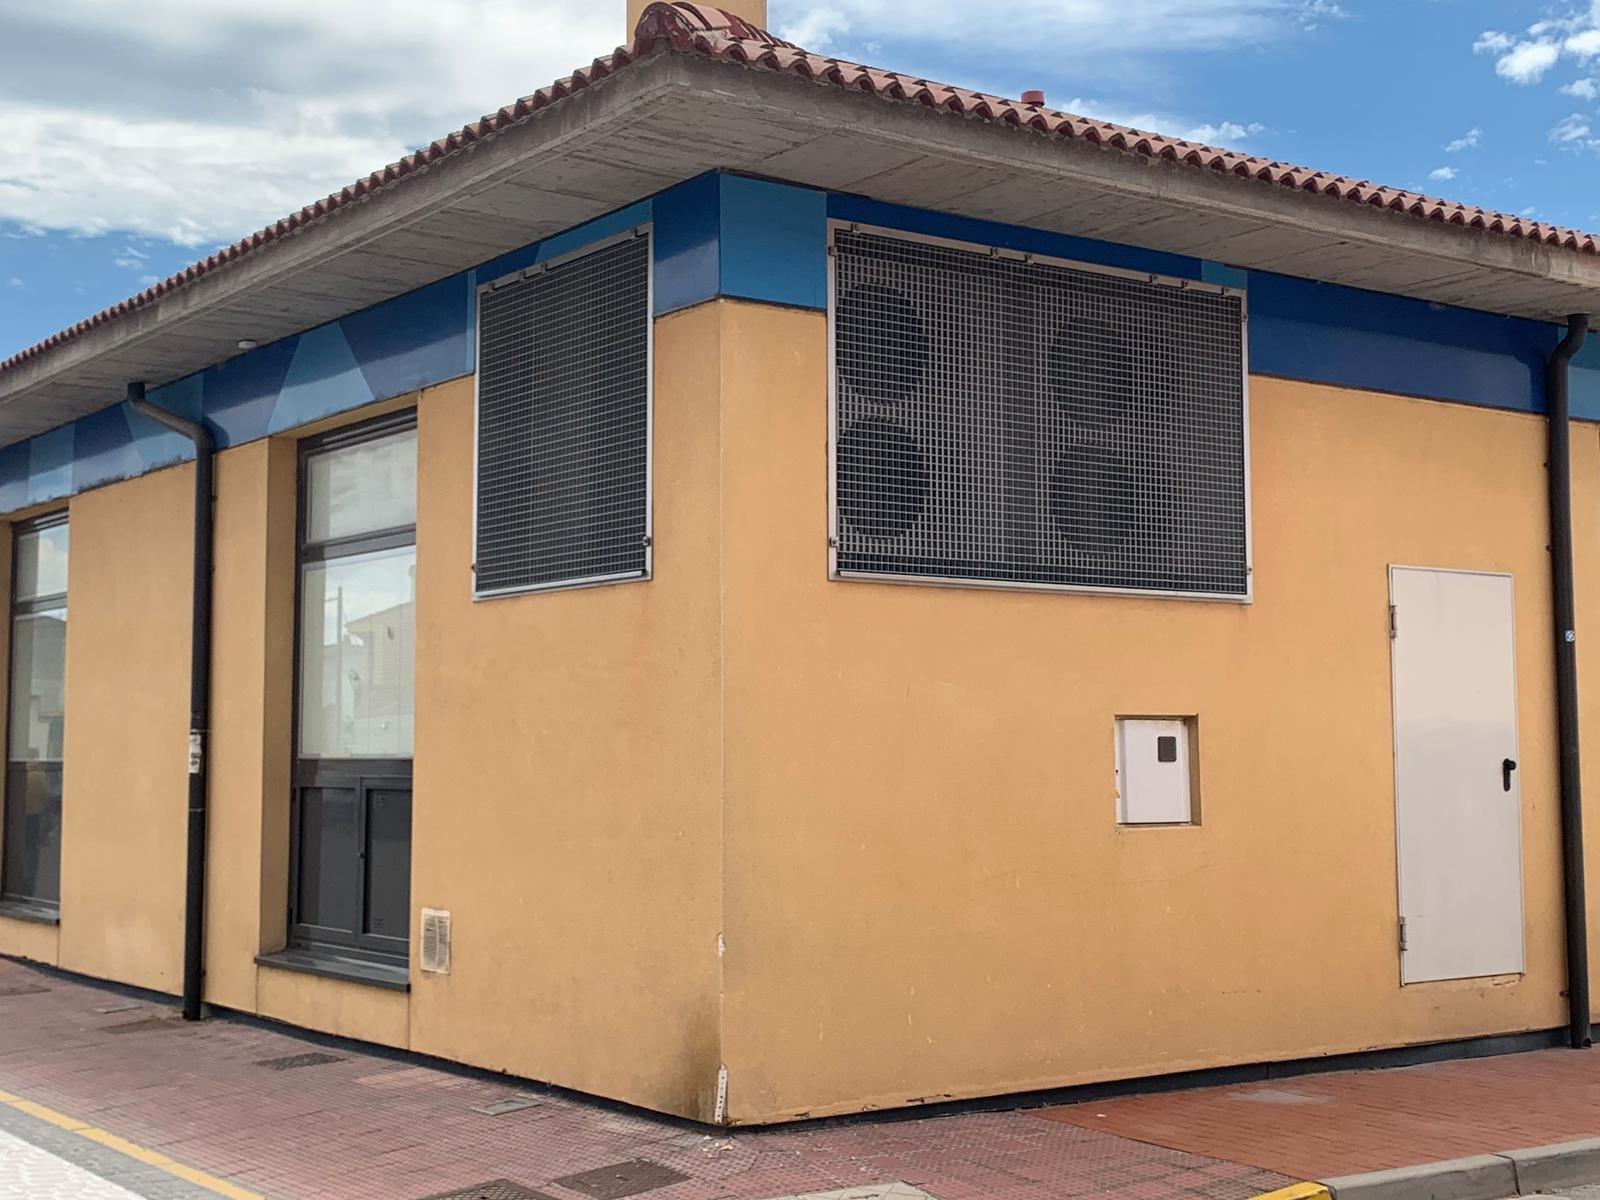 bombas de calor en la fachada